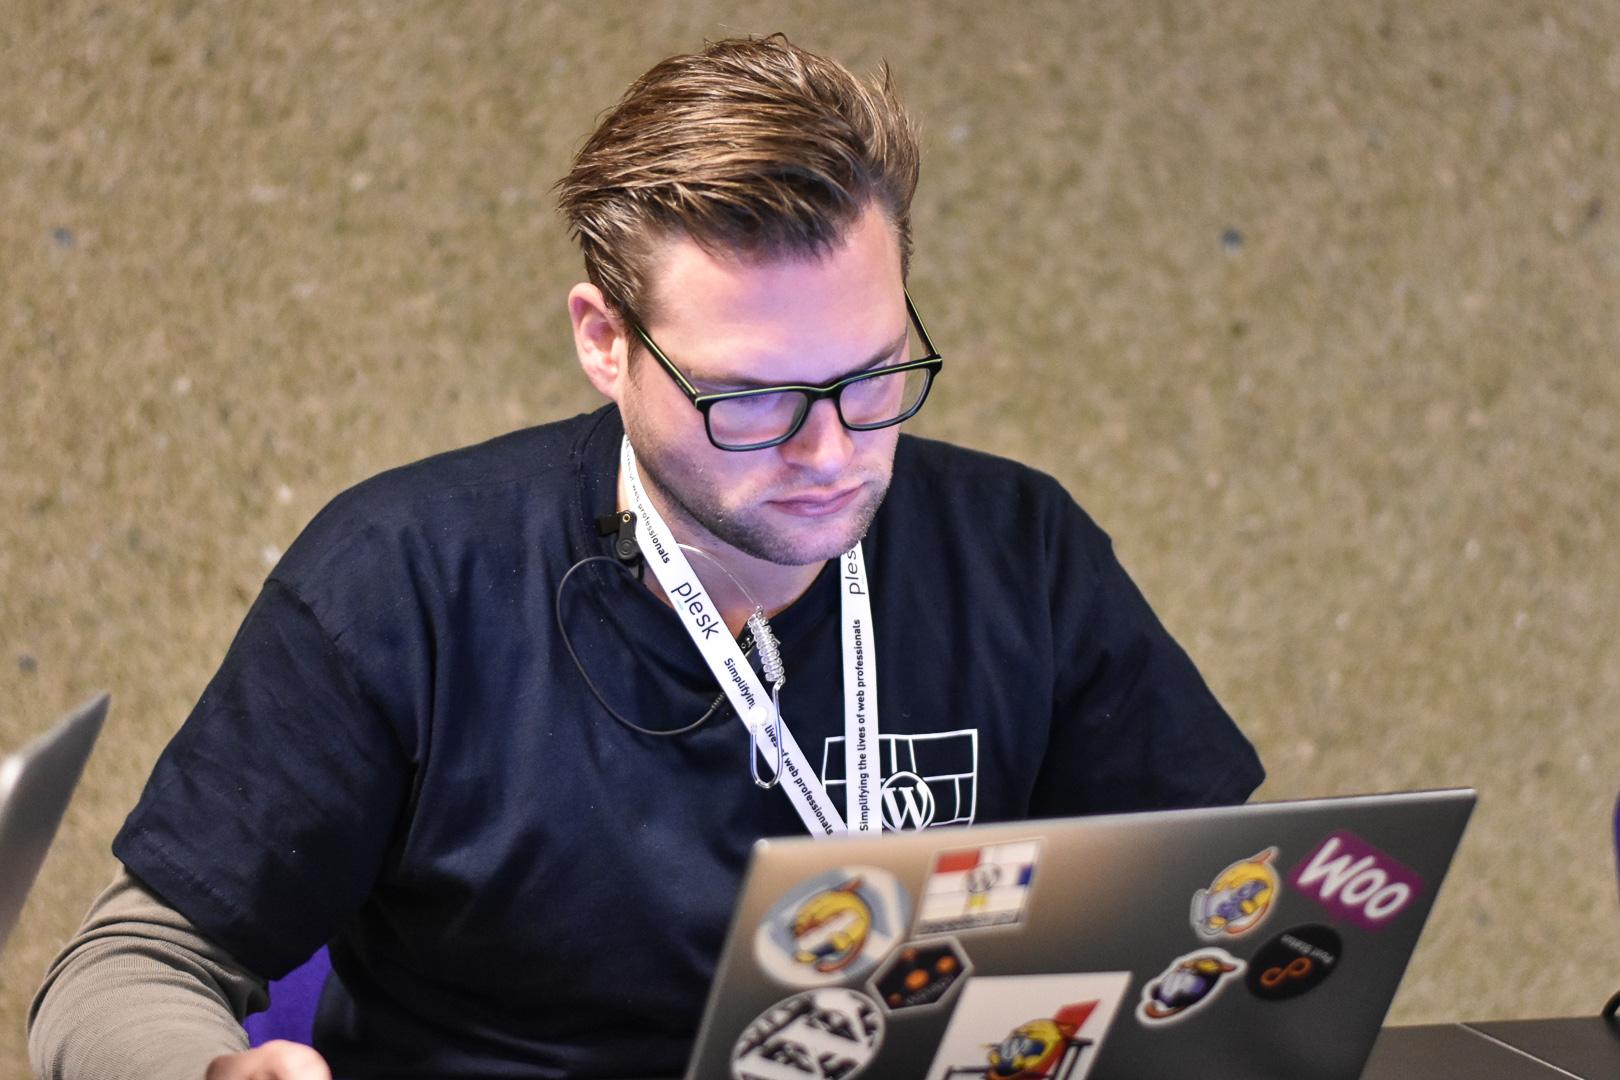 WordCamp Utrecht, Roel Veldhuizen, Core team